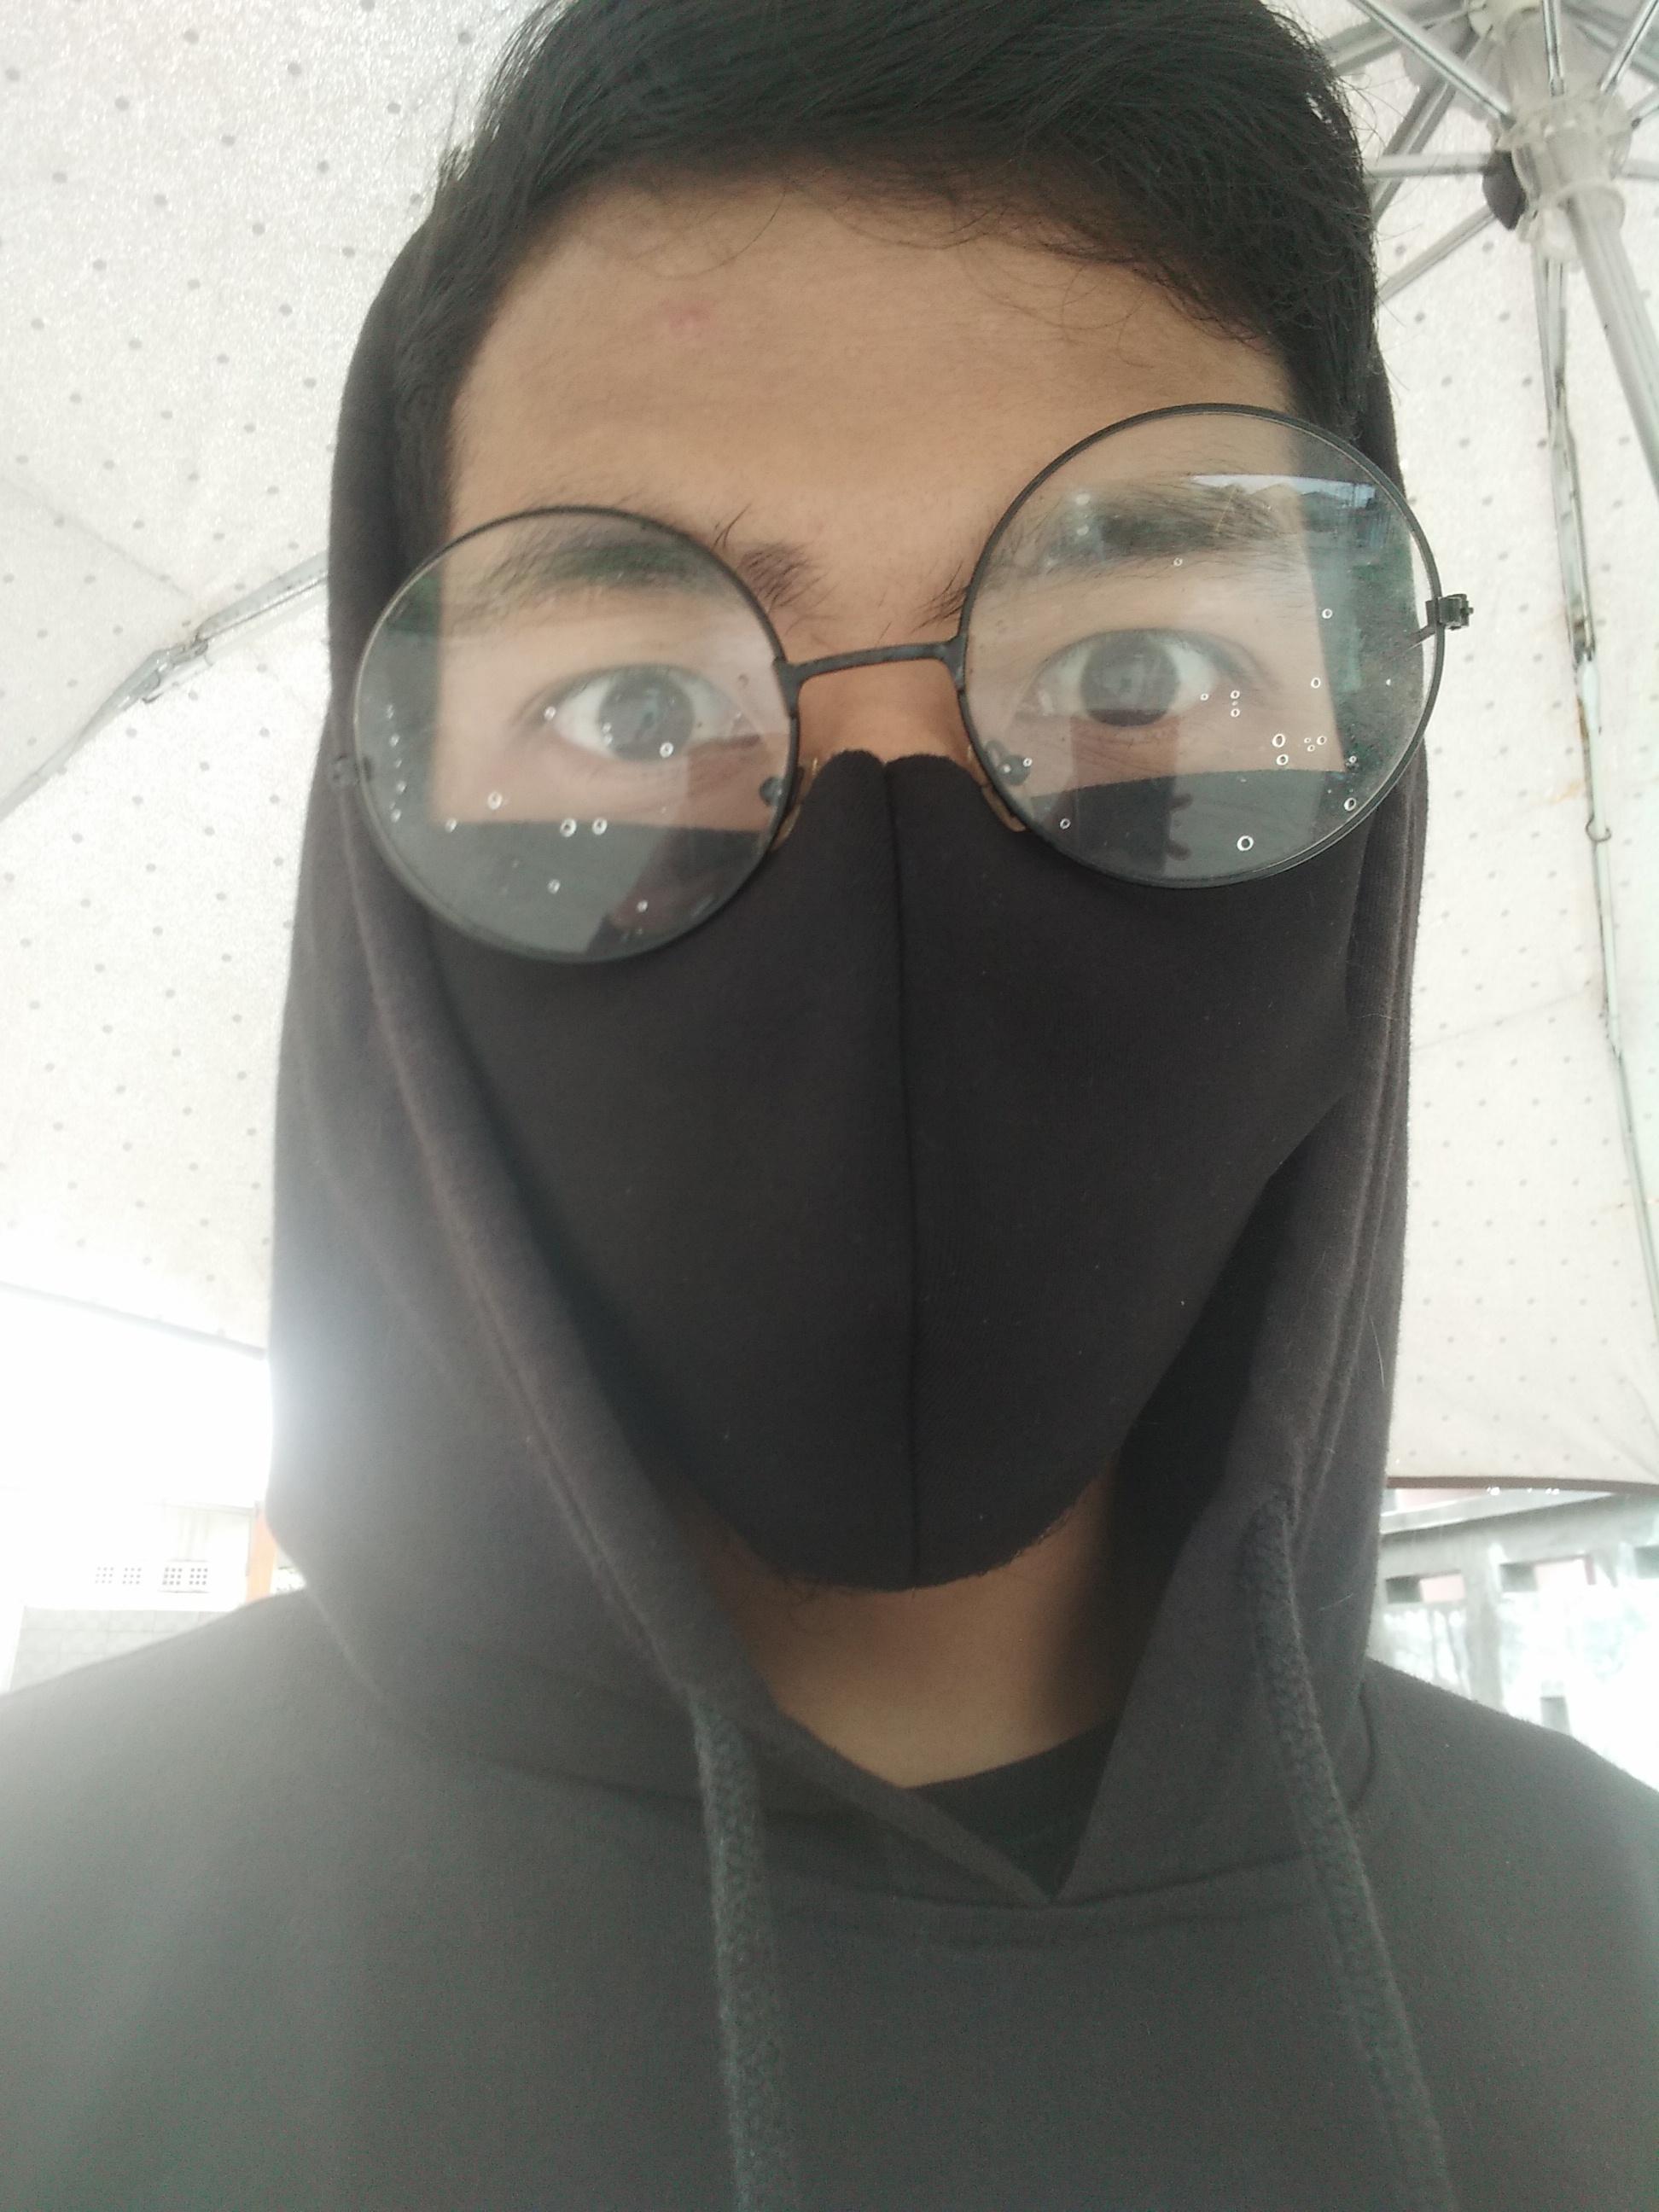 Badtabo's avatar